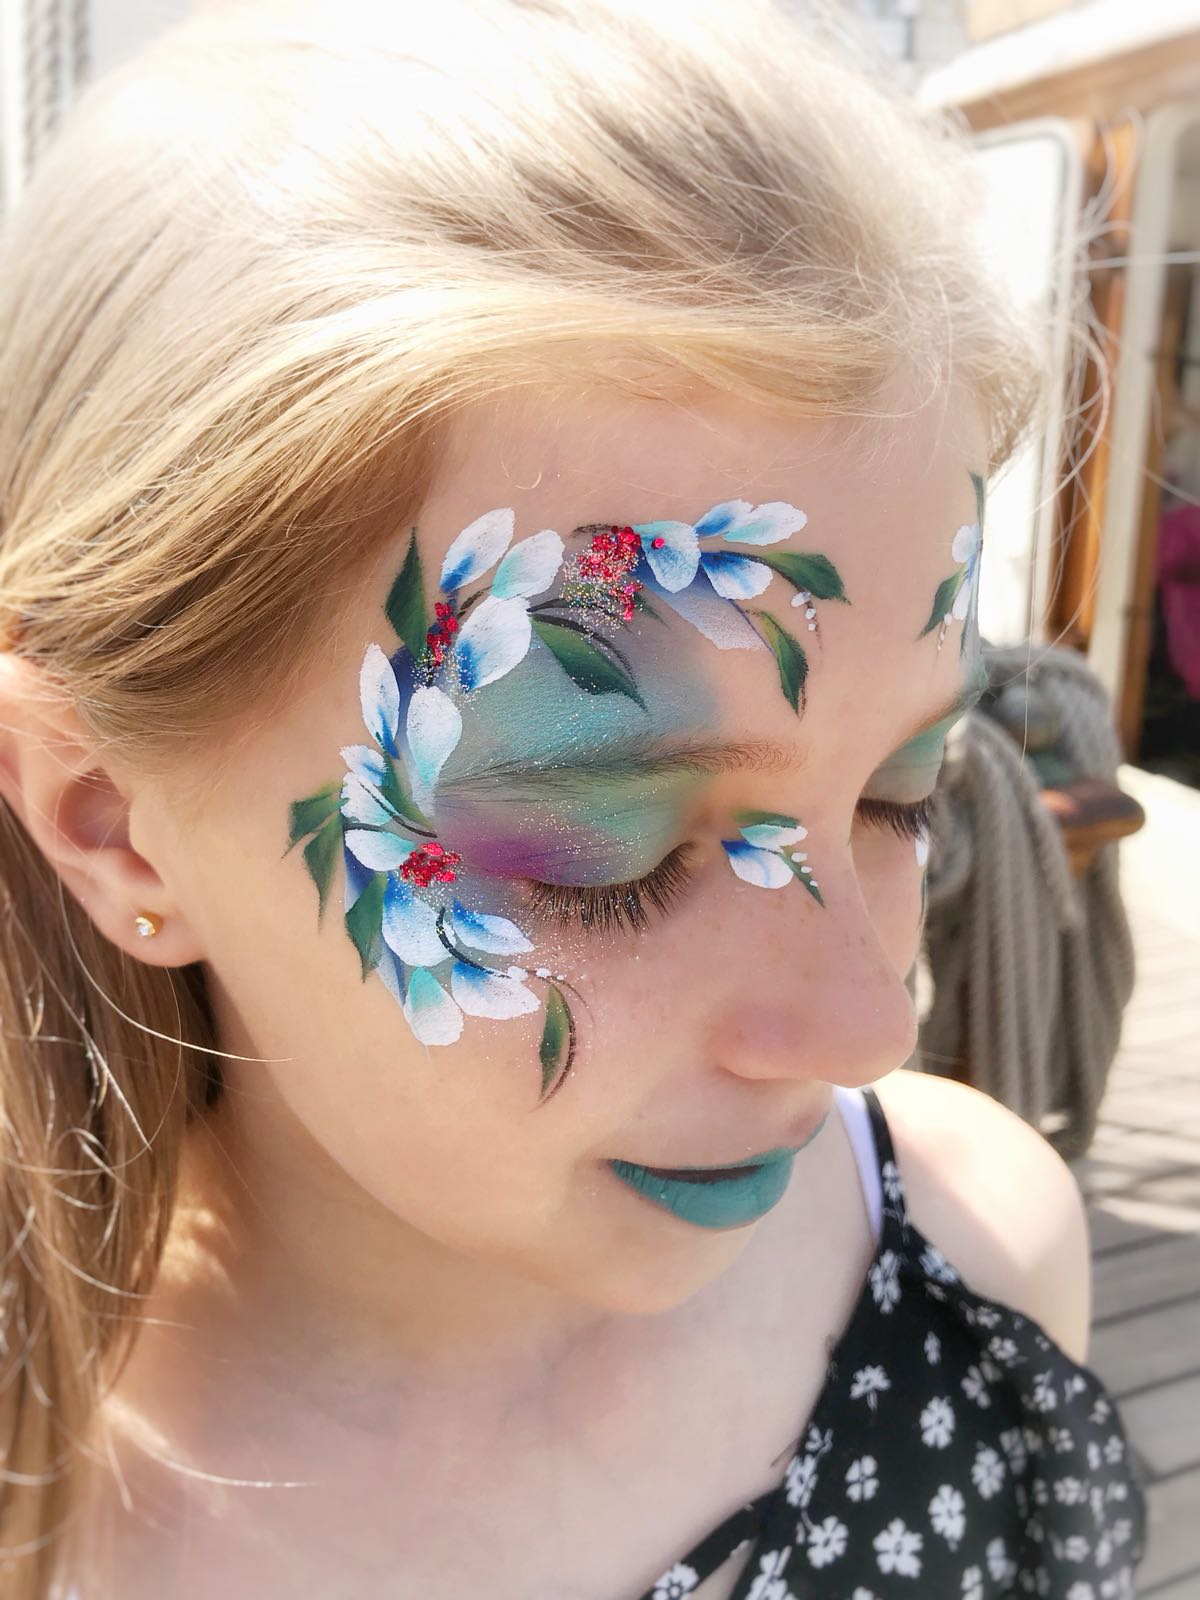 Children's face paints